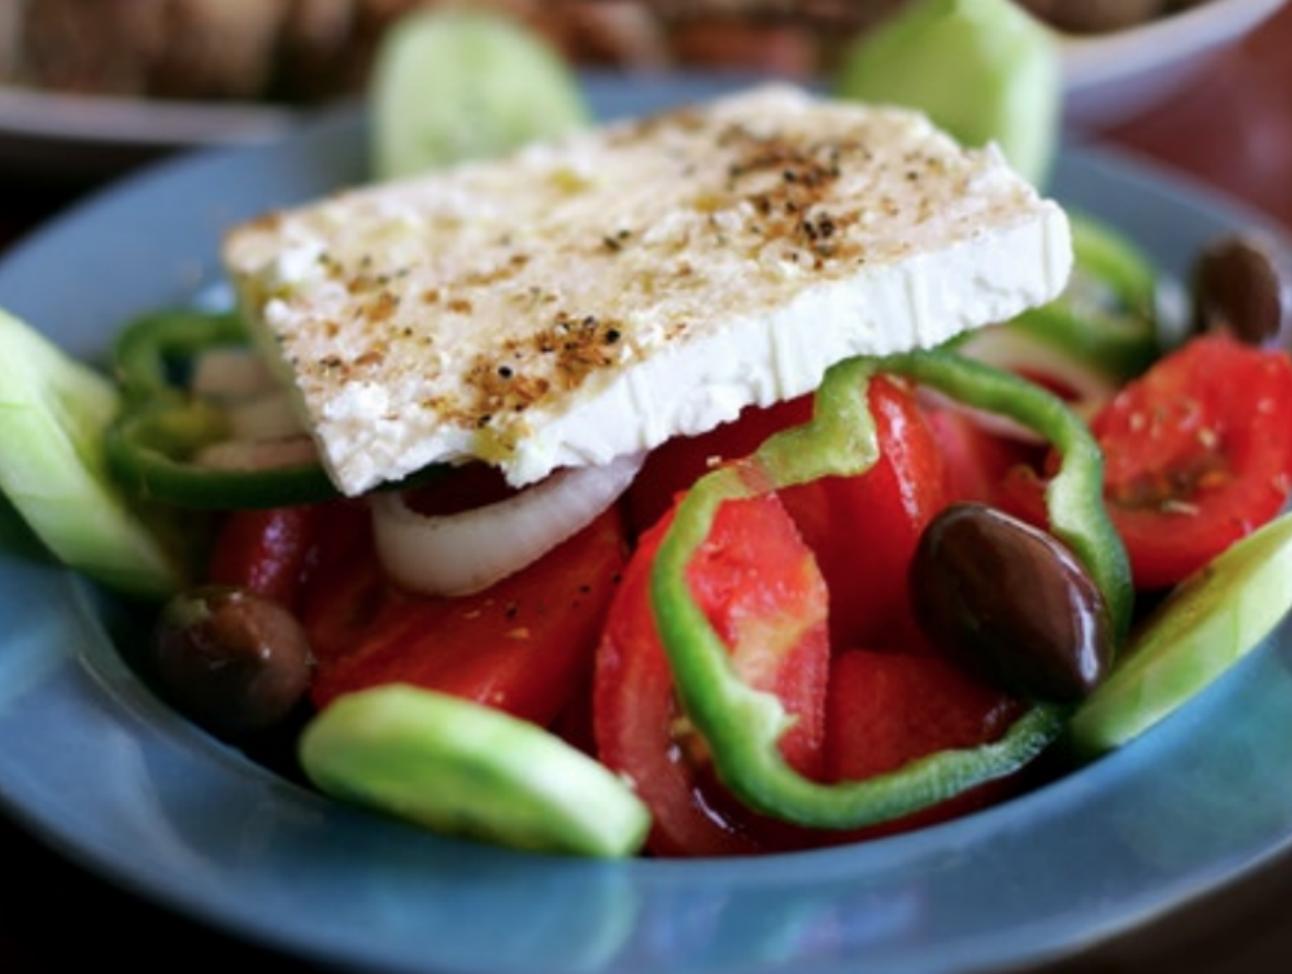 Mediterranean diet information